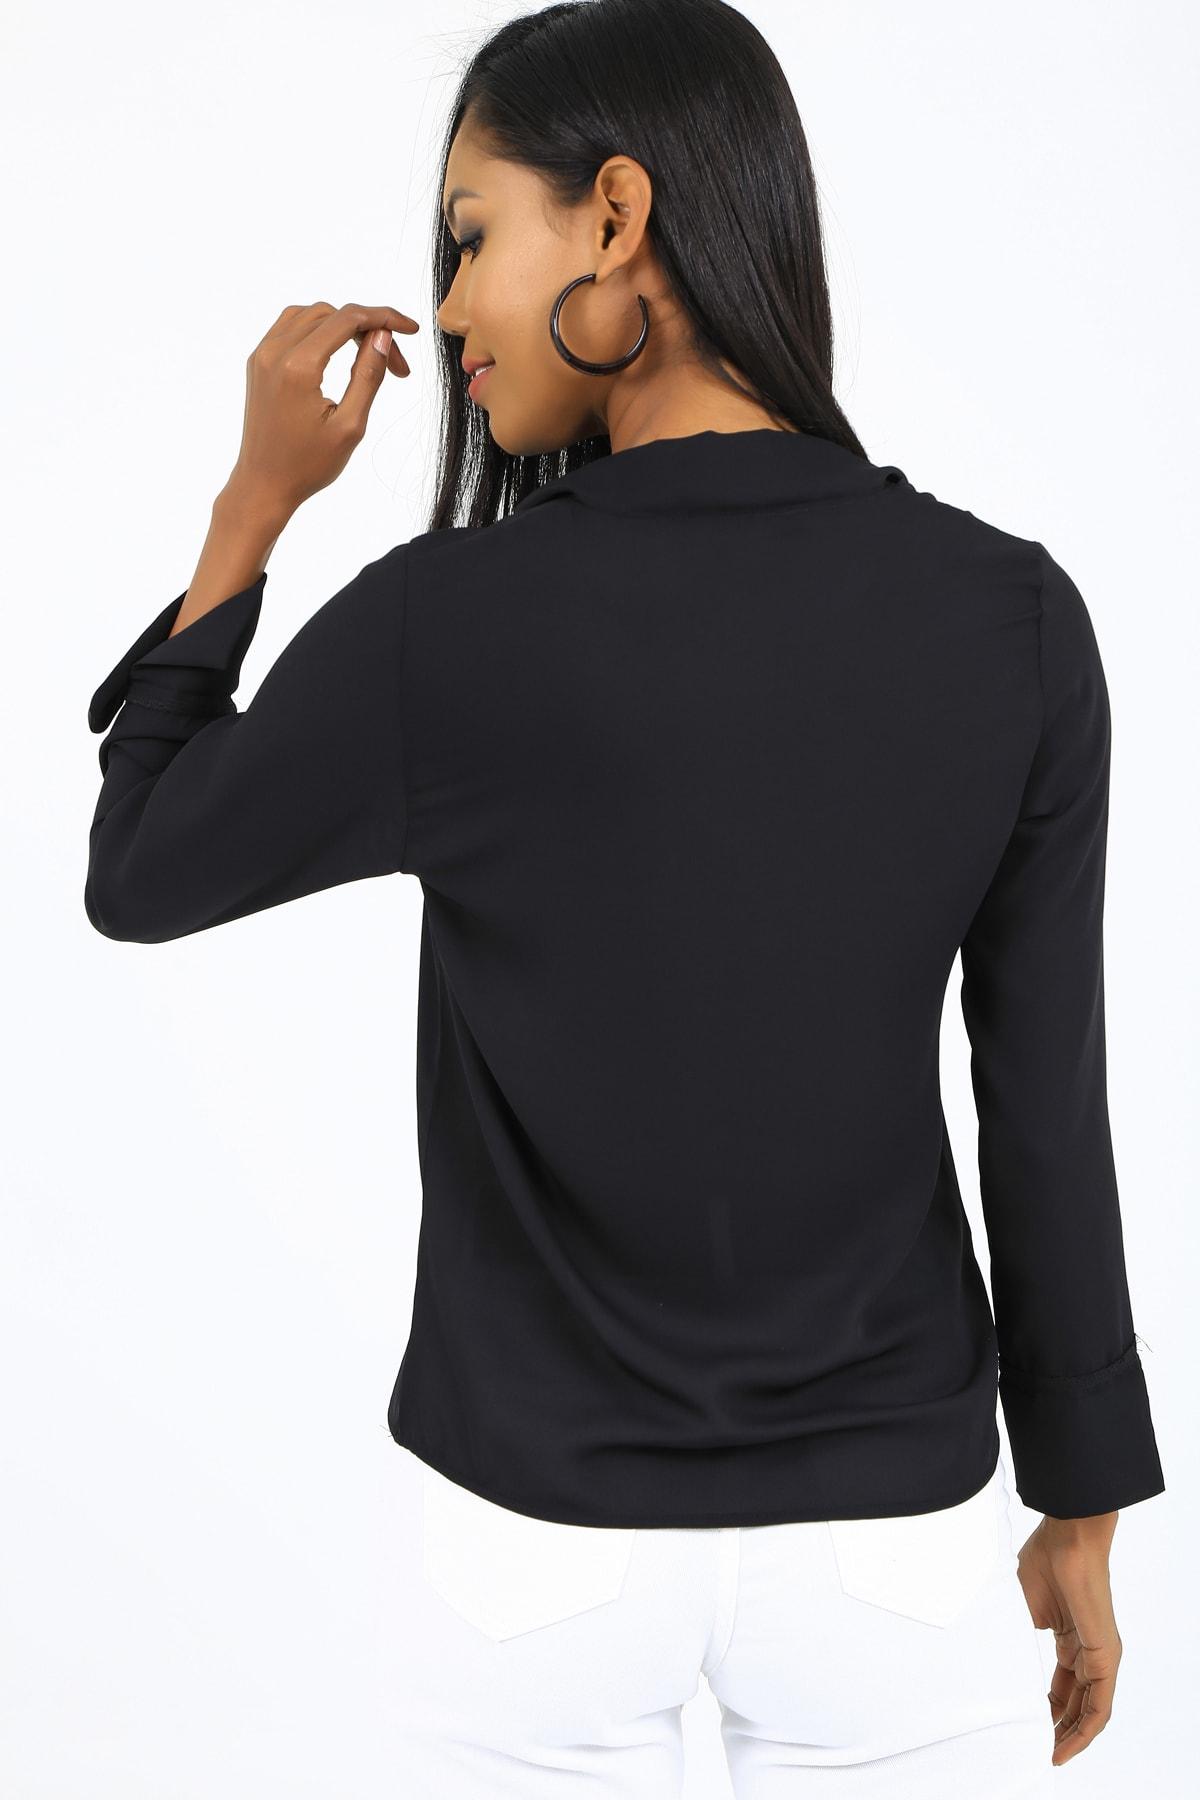 EMJEY Kadın Siyah Önü Bağlamalı Kolları Manşetli Gömlek She020B010059 1